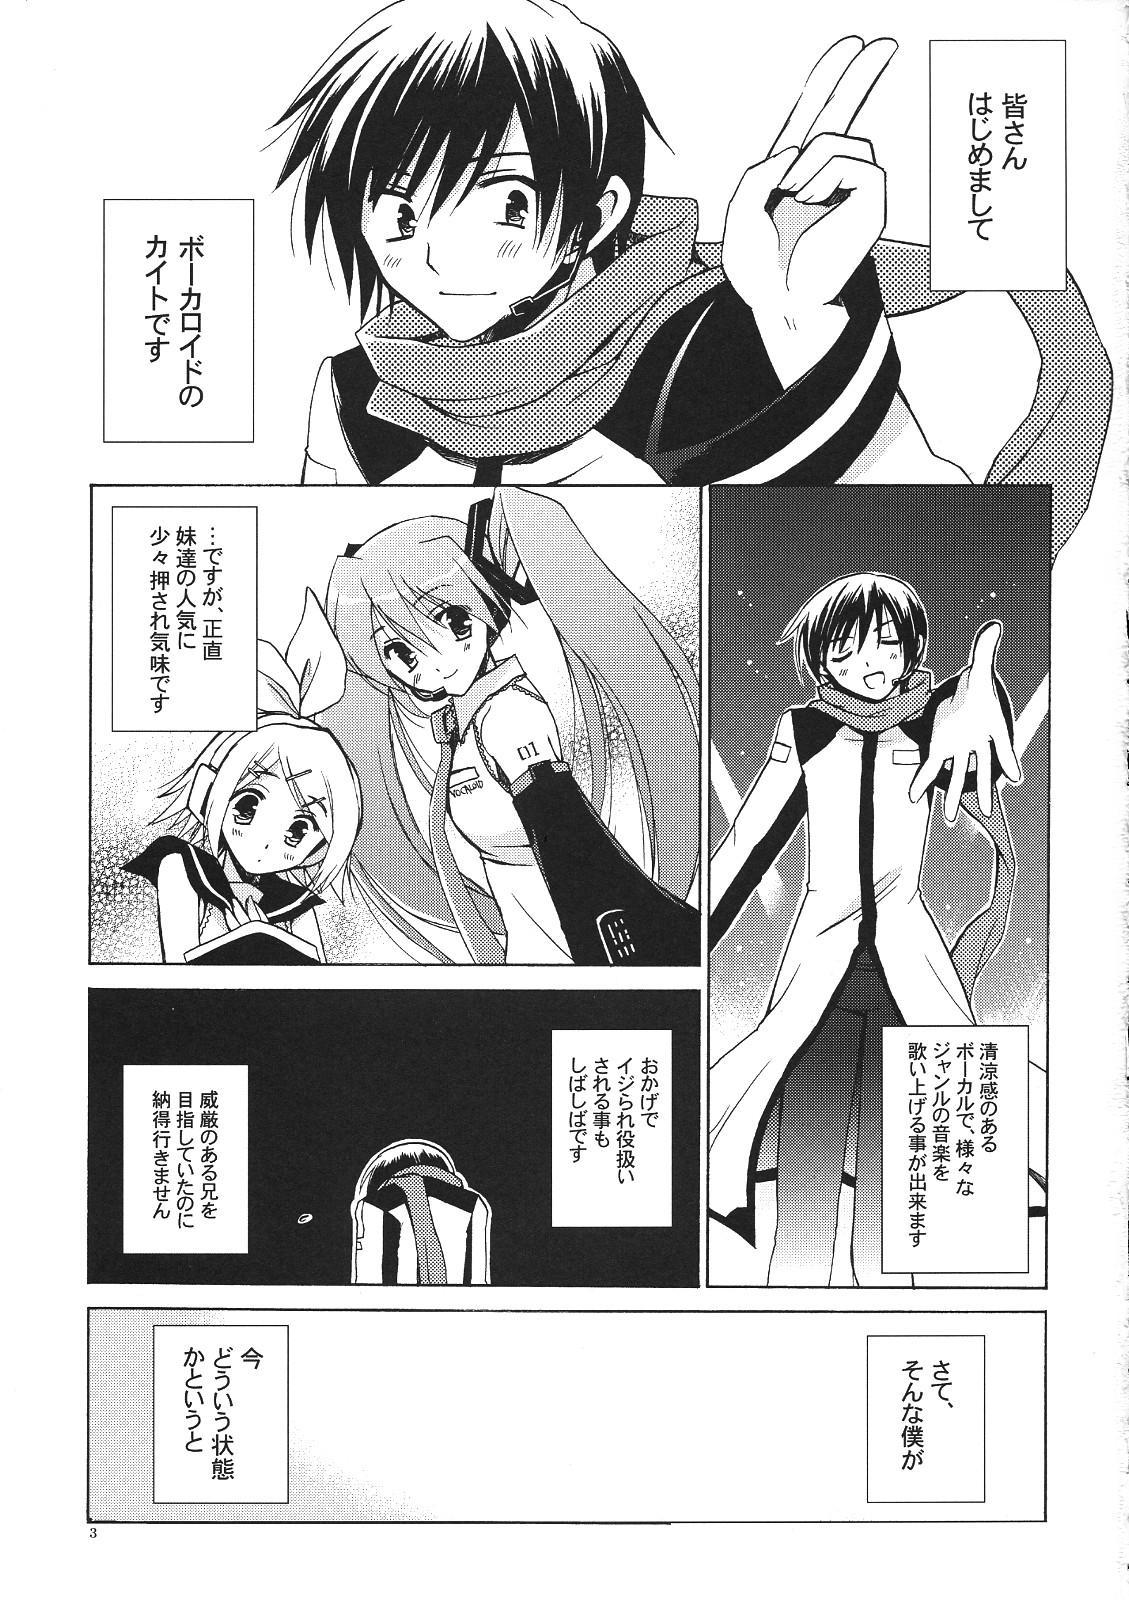 Kuro Miku ga Kaito-niisan ni Seiteki na Imi de Yatsu Atari Suru Hon 1